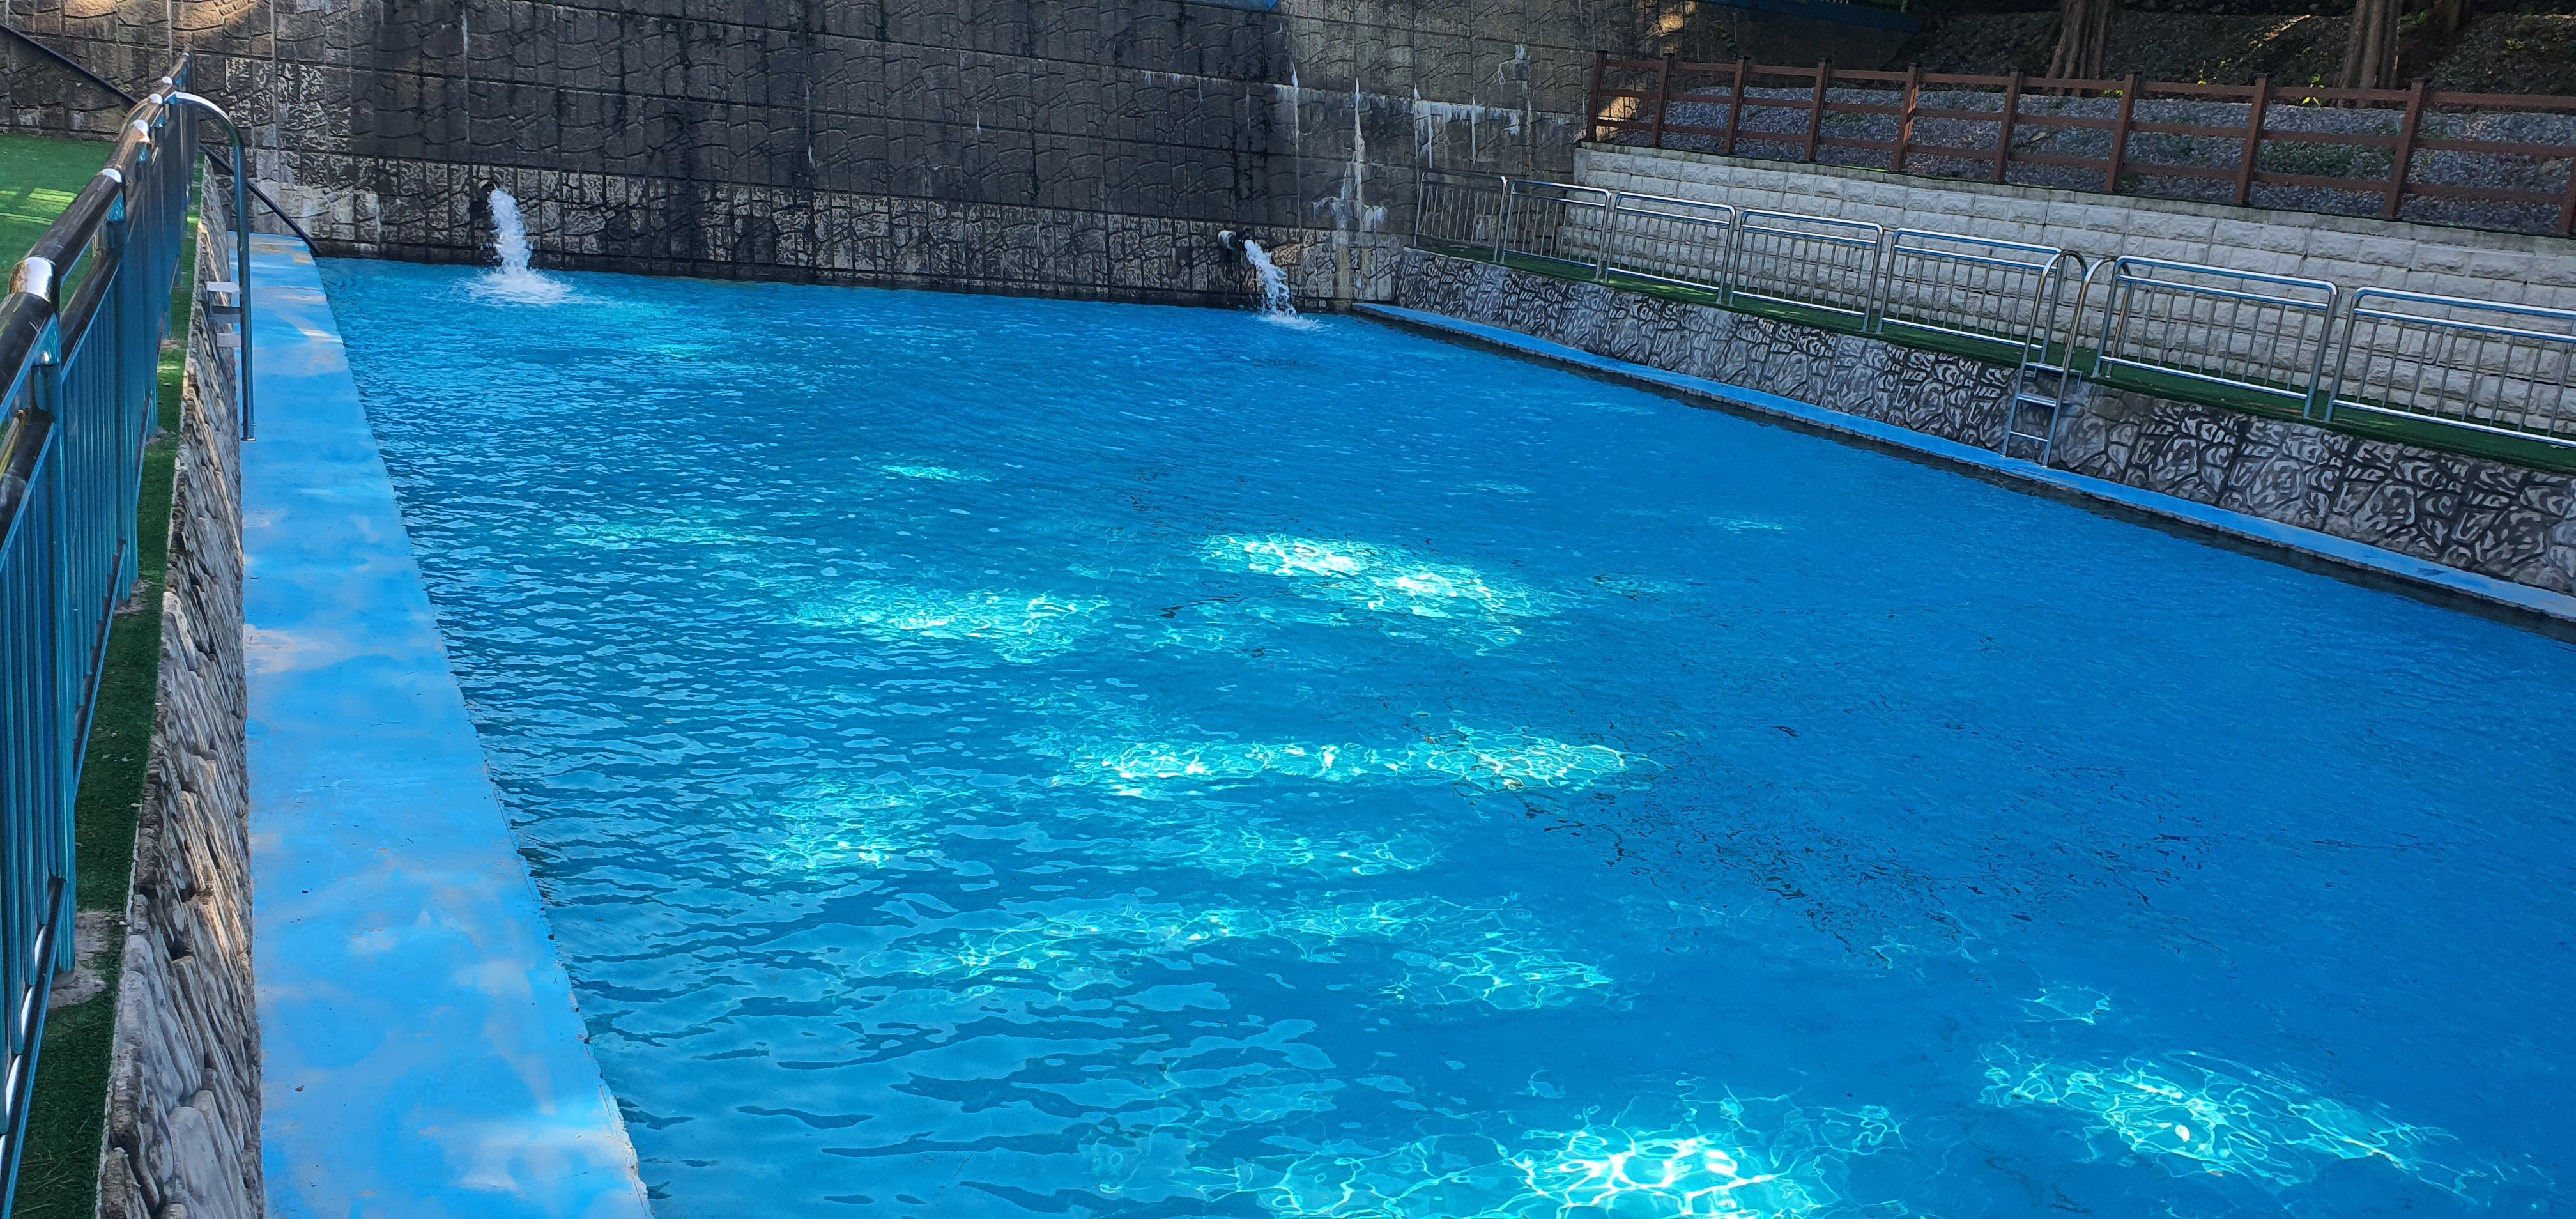 칠갑산자연휴양림 물놀이시설